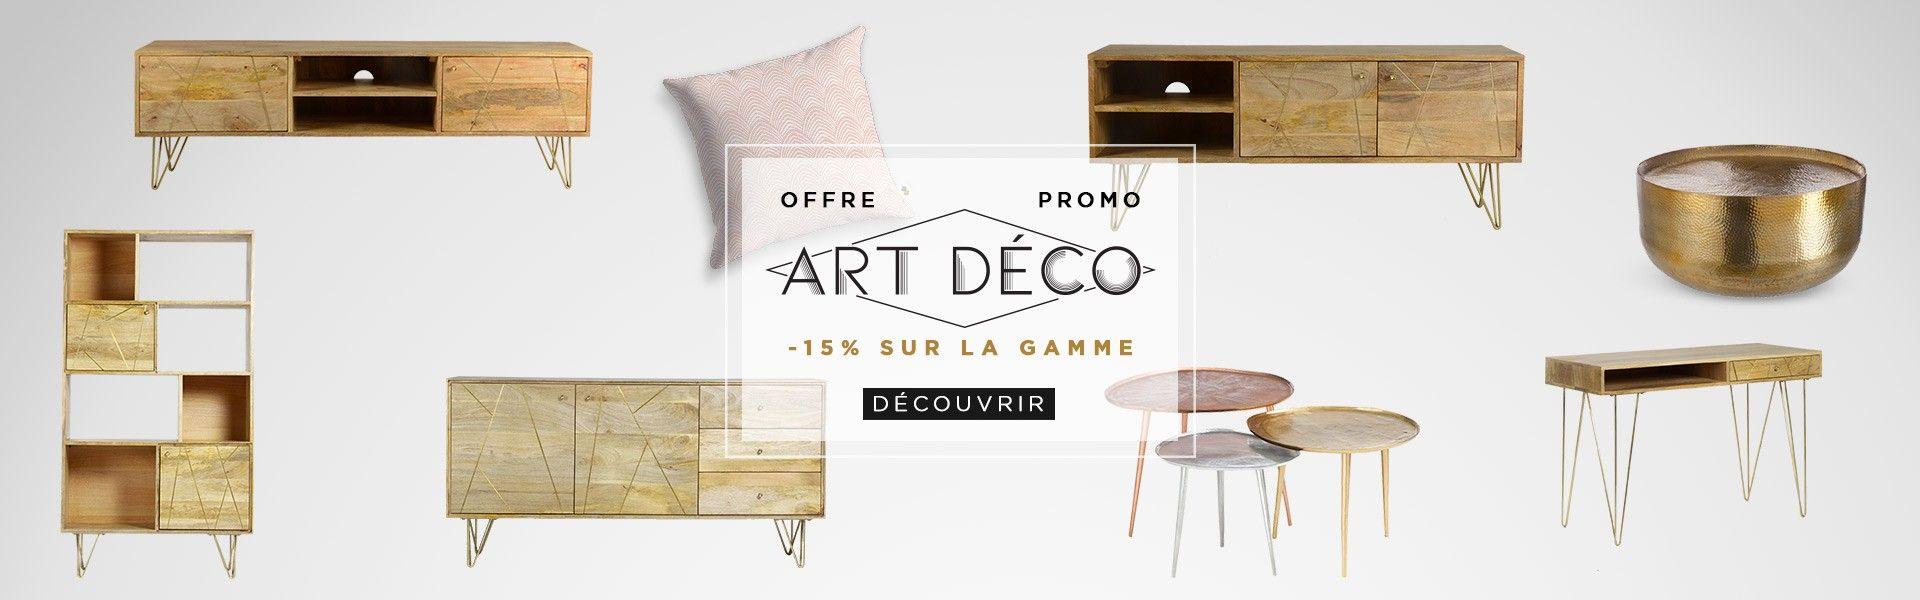 promotion art deco